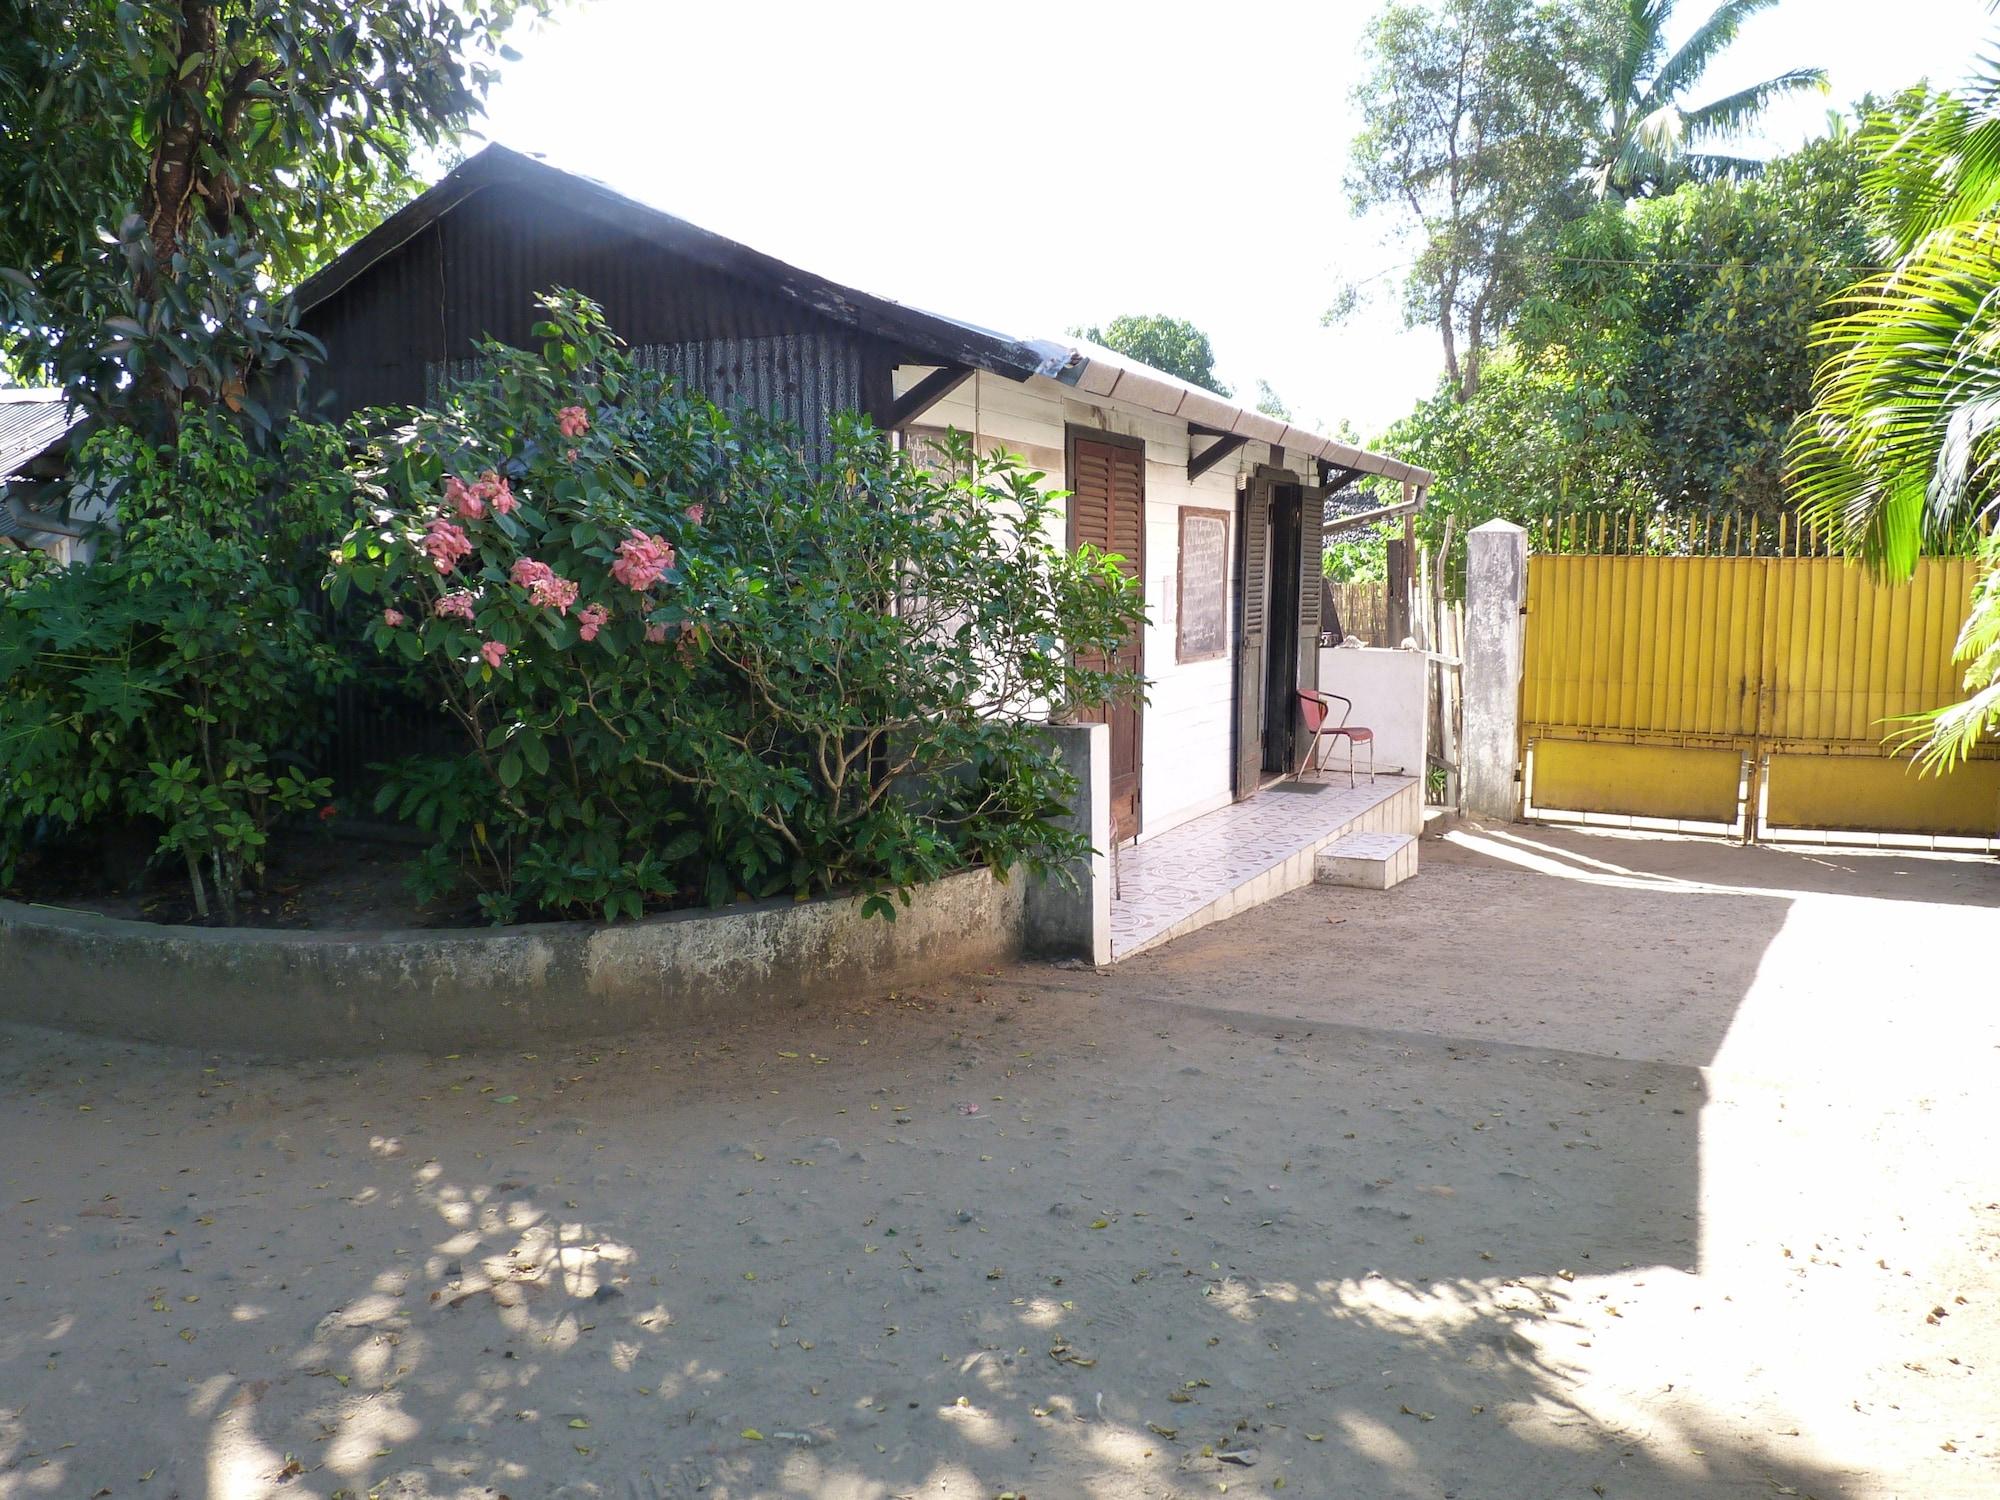 Bungalow Finaritra, Atsinanana